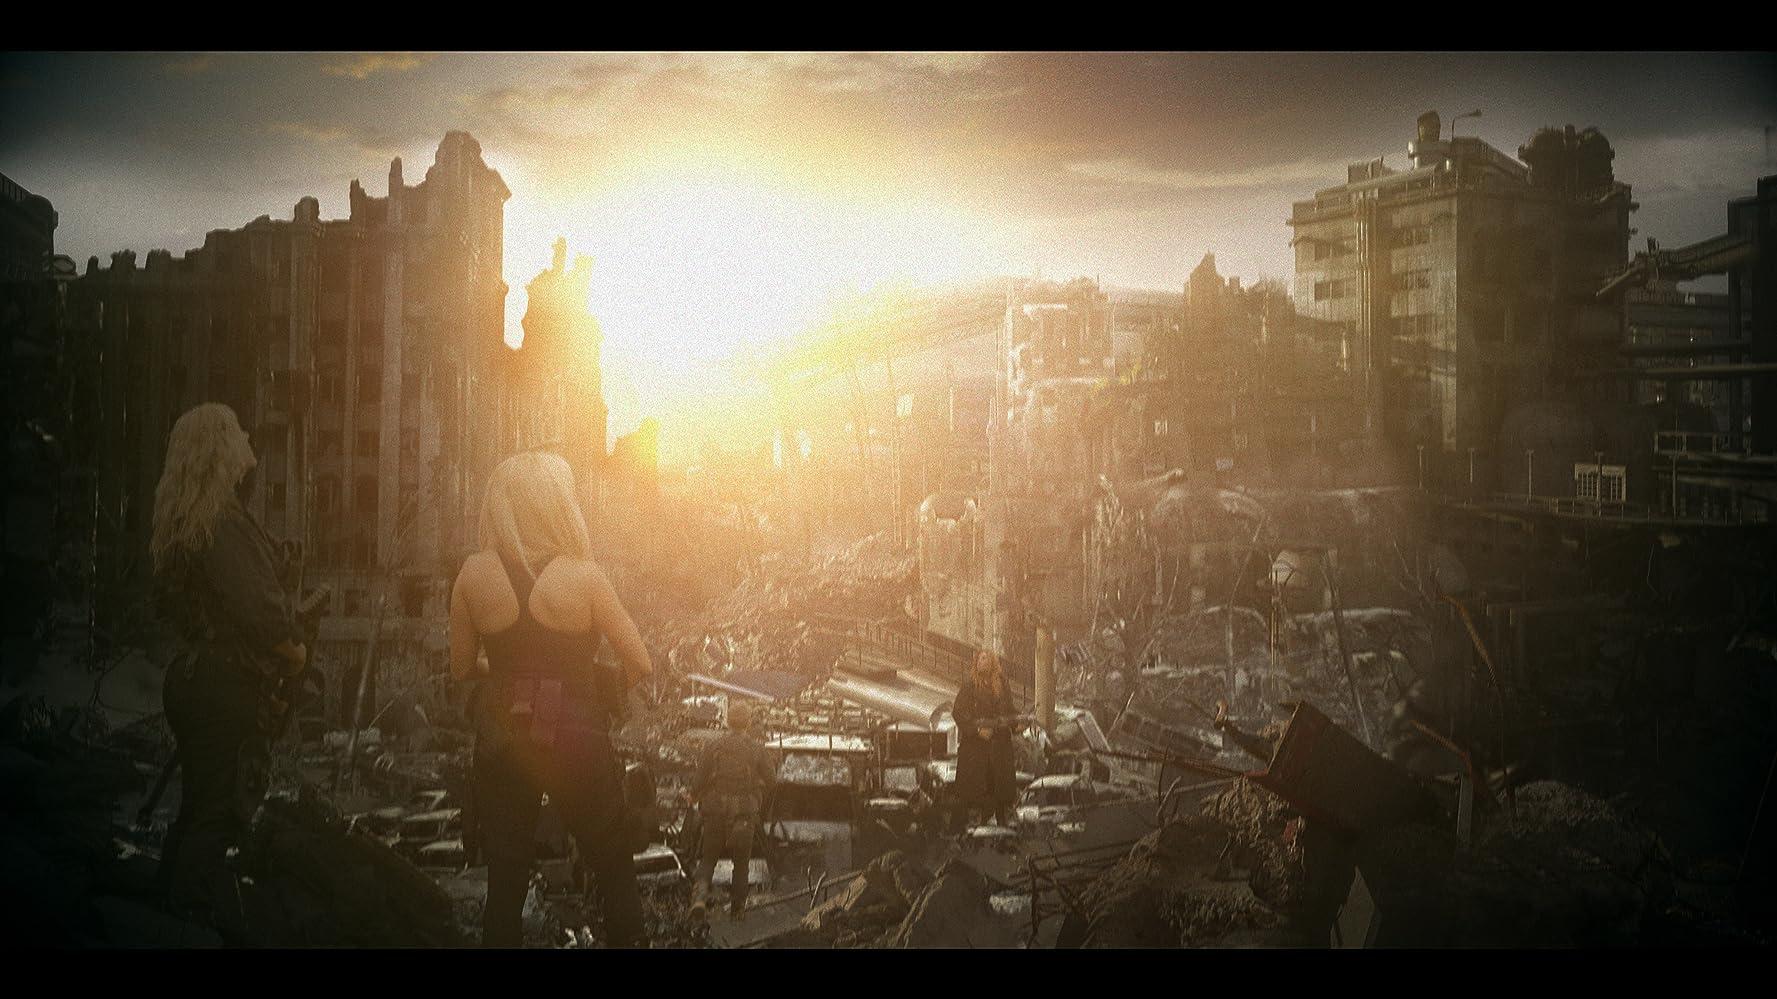 فيلم Rogue Warrior Robot Fighter 2017 مترجم مشاهدة اون لاين